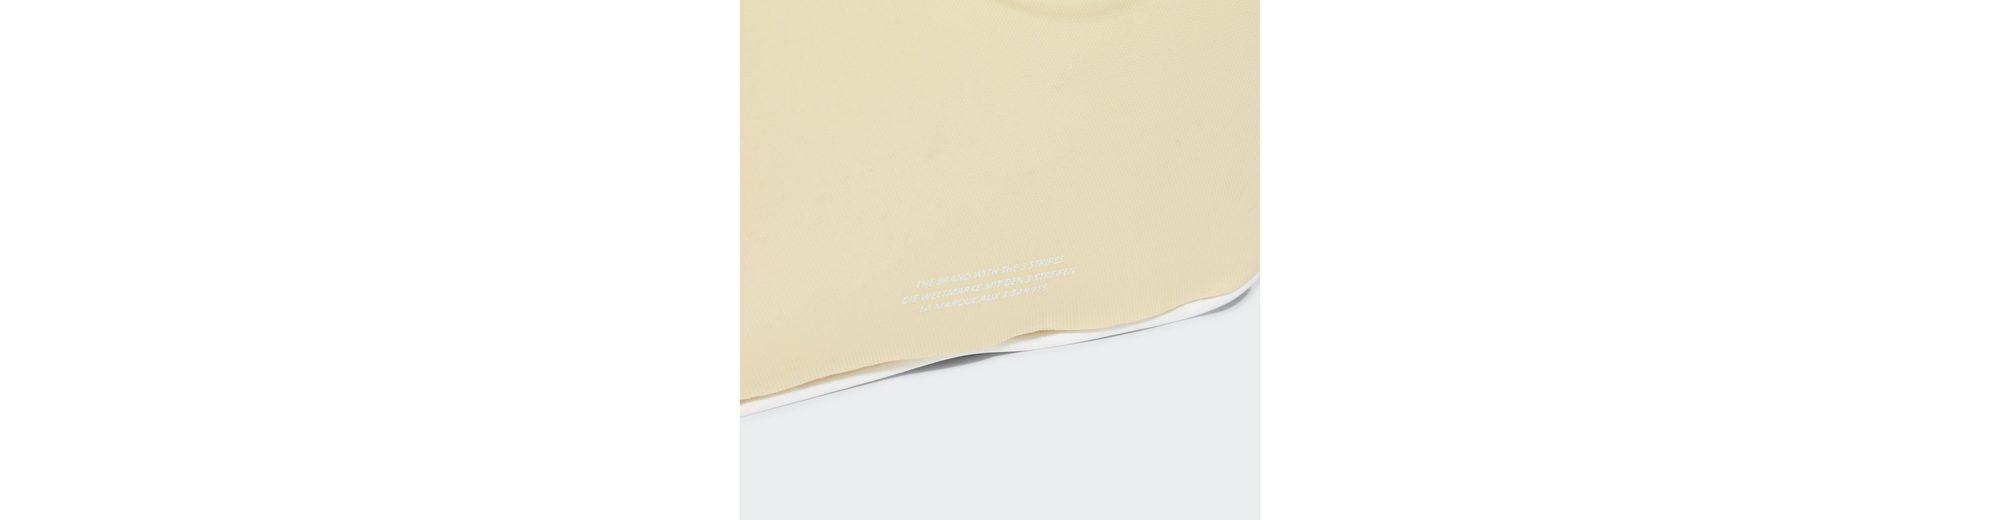 Rabatt Niedriger Preis Visa-Zahlung Günstig Online adidas Originals Beuteltasche Bauchtasche Online Kaufen Authentisch Shop-Angebot Günstig Online oodGCm